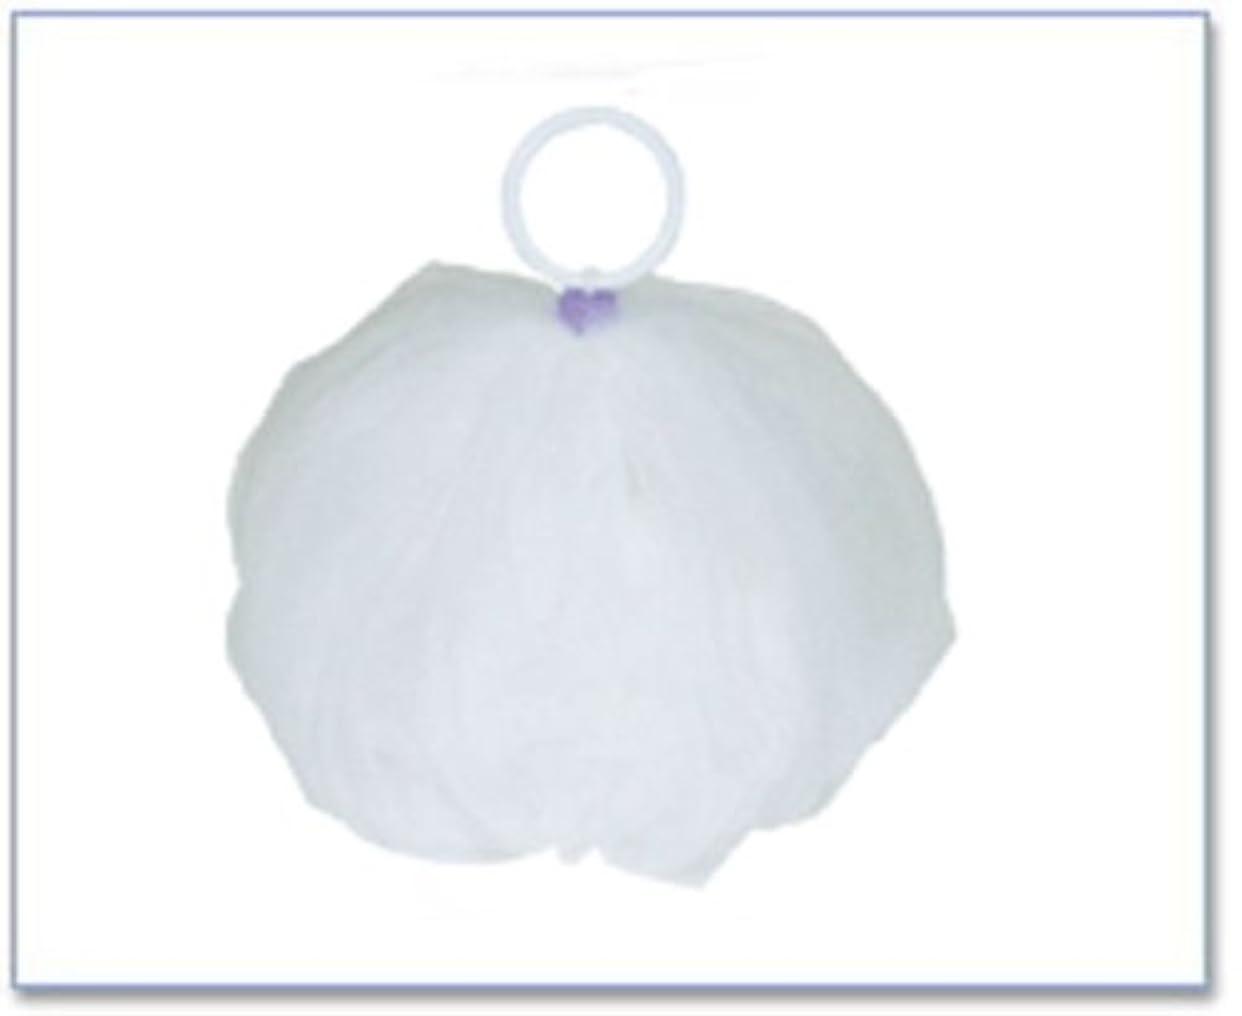 舗装する花嫁不快なCAC化粧品(シーエーシー) 泡立てネット(ボールタイプ)